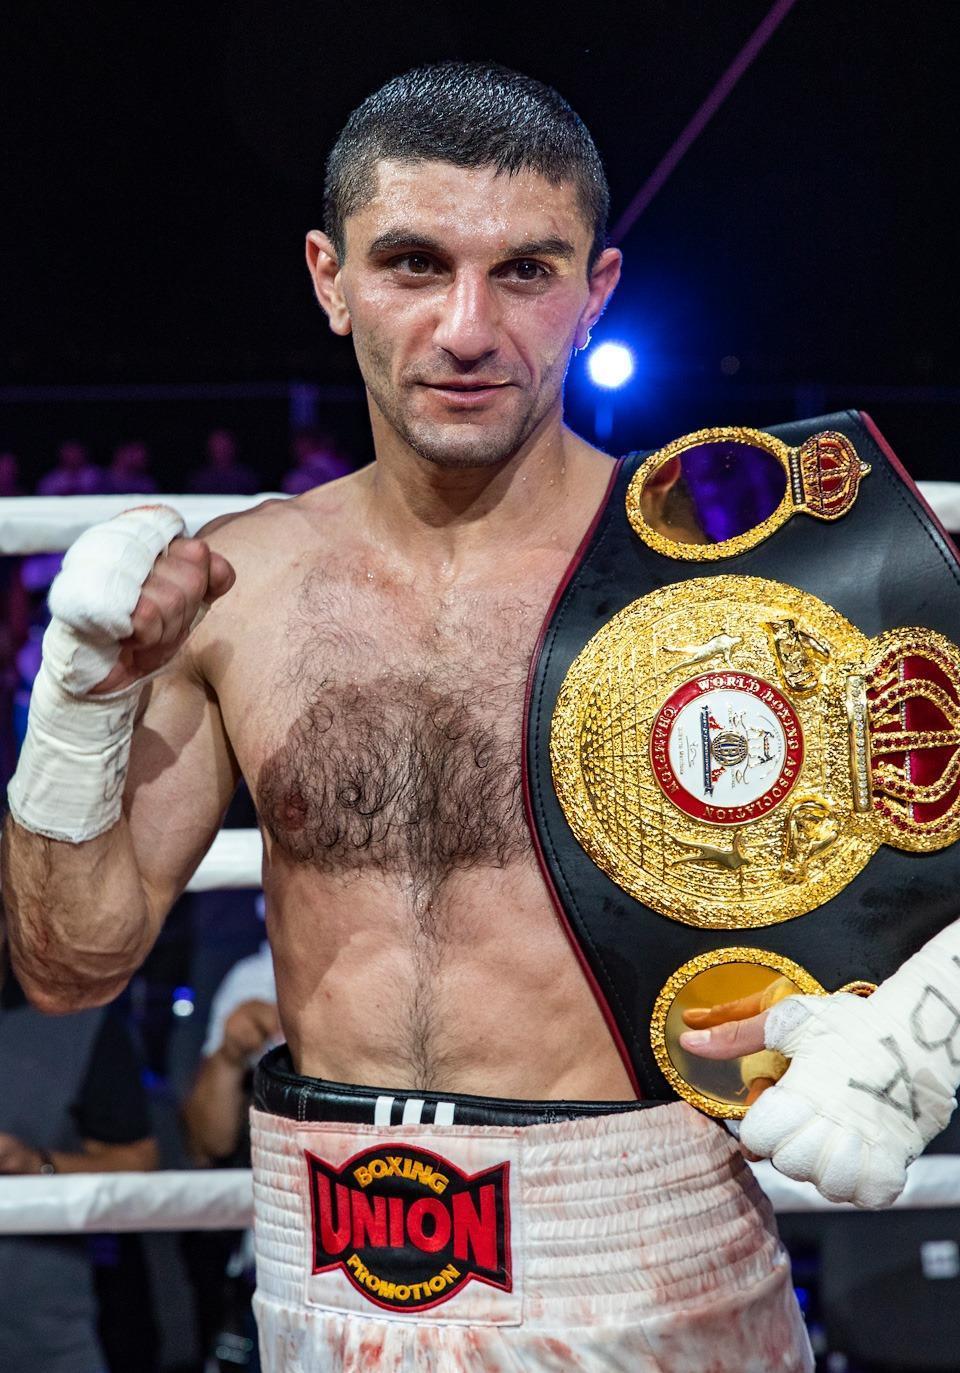 боксер Артем Далакян